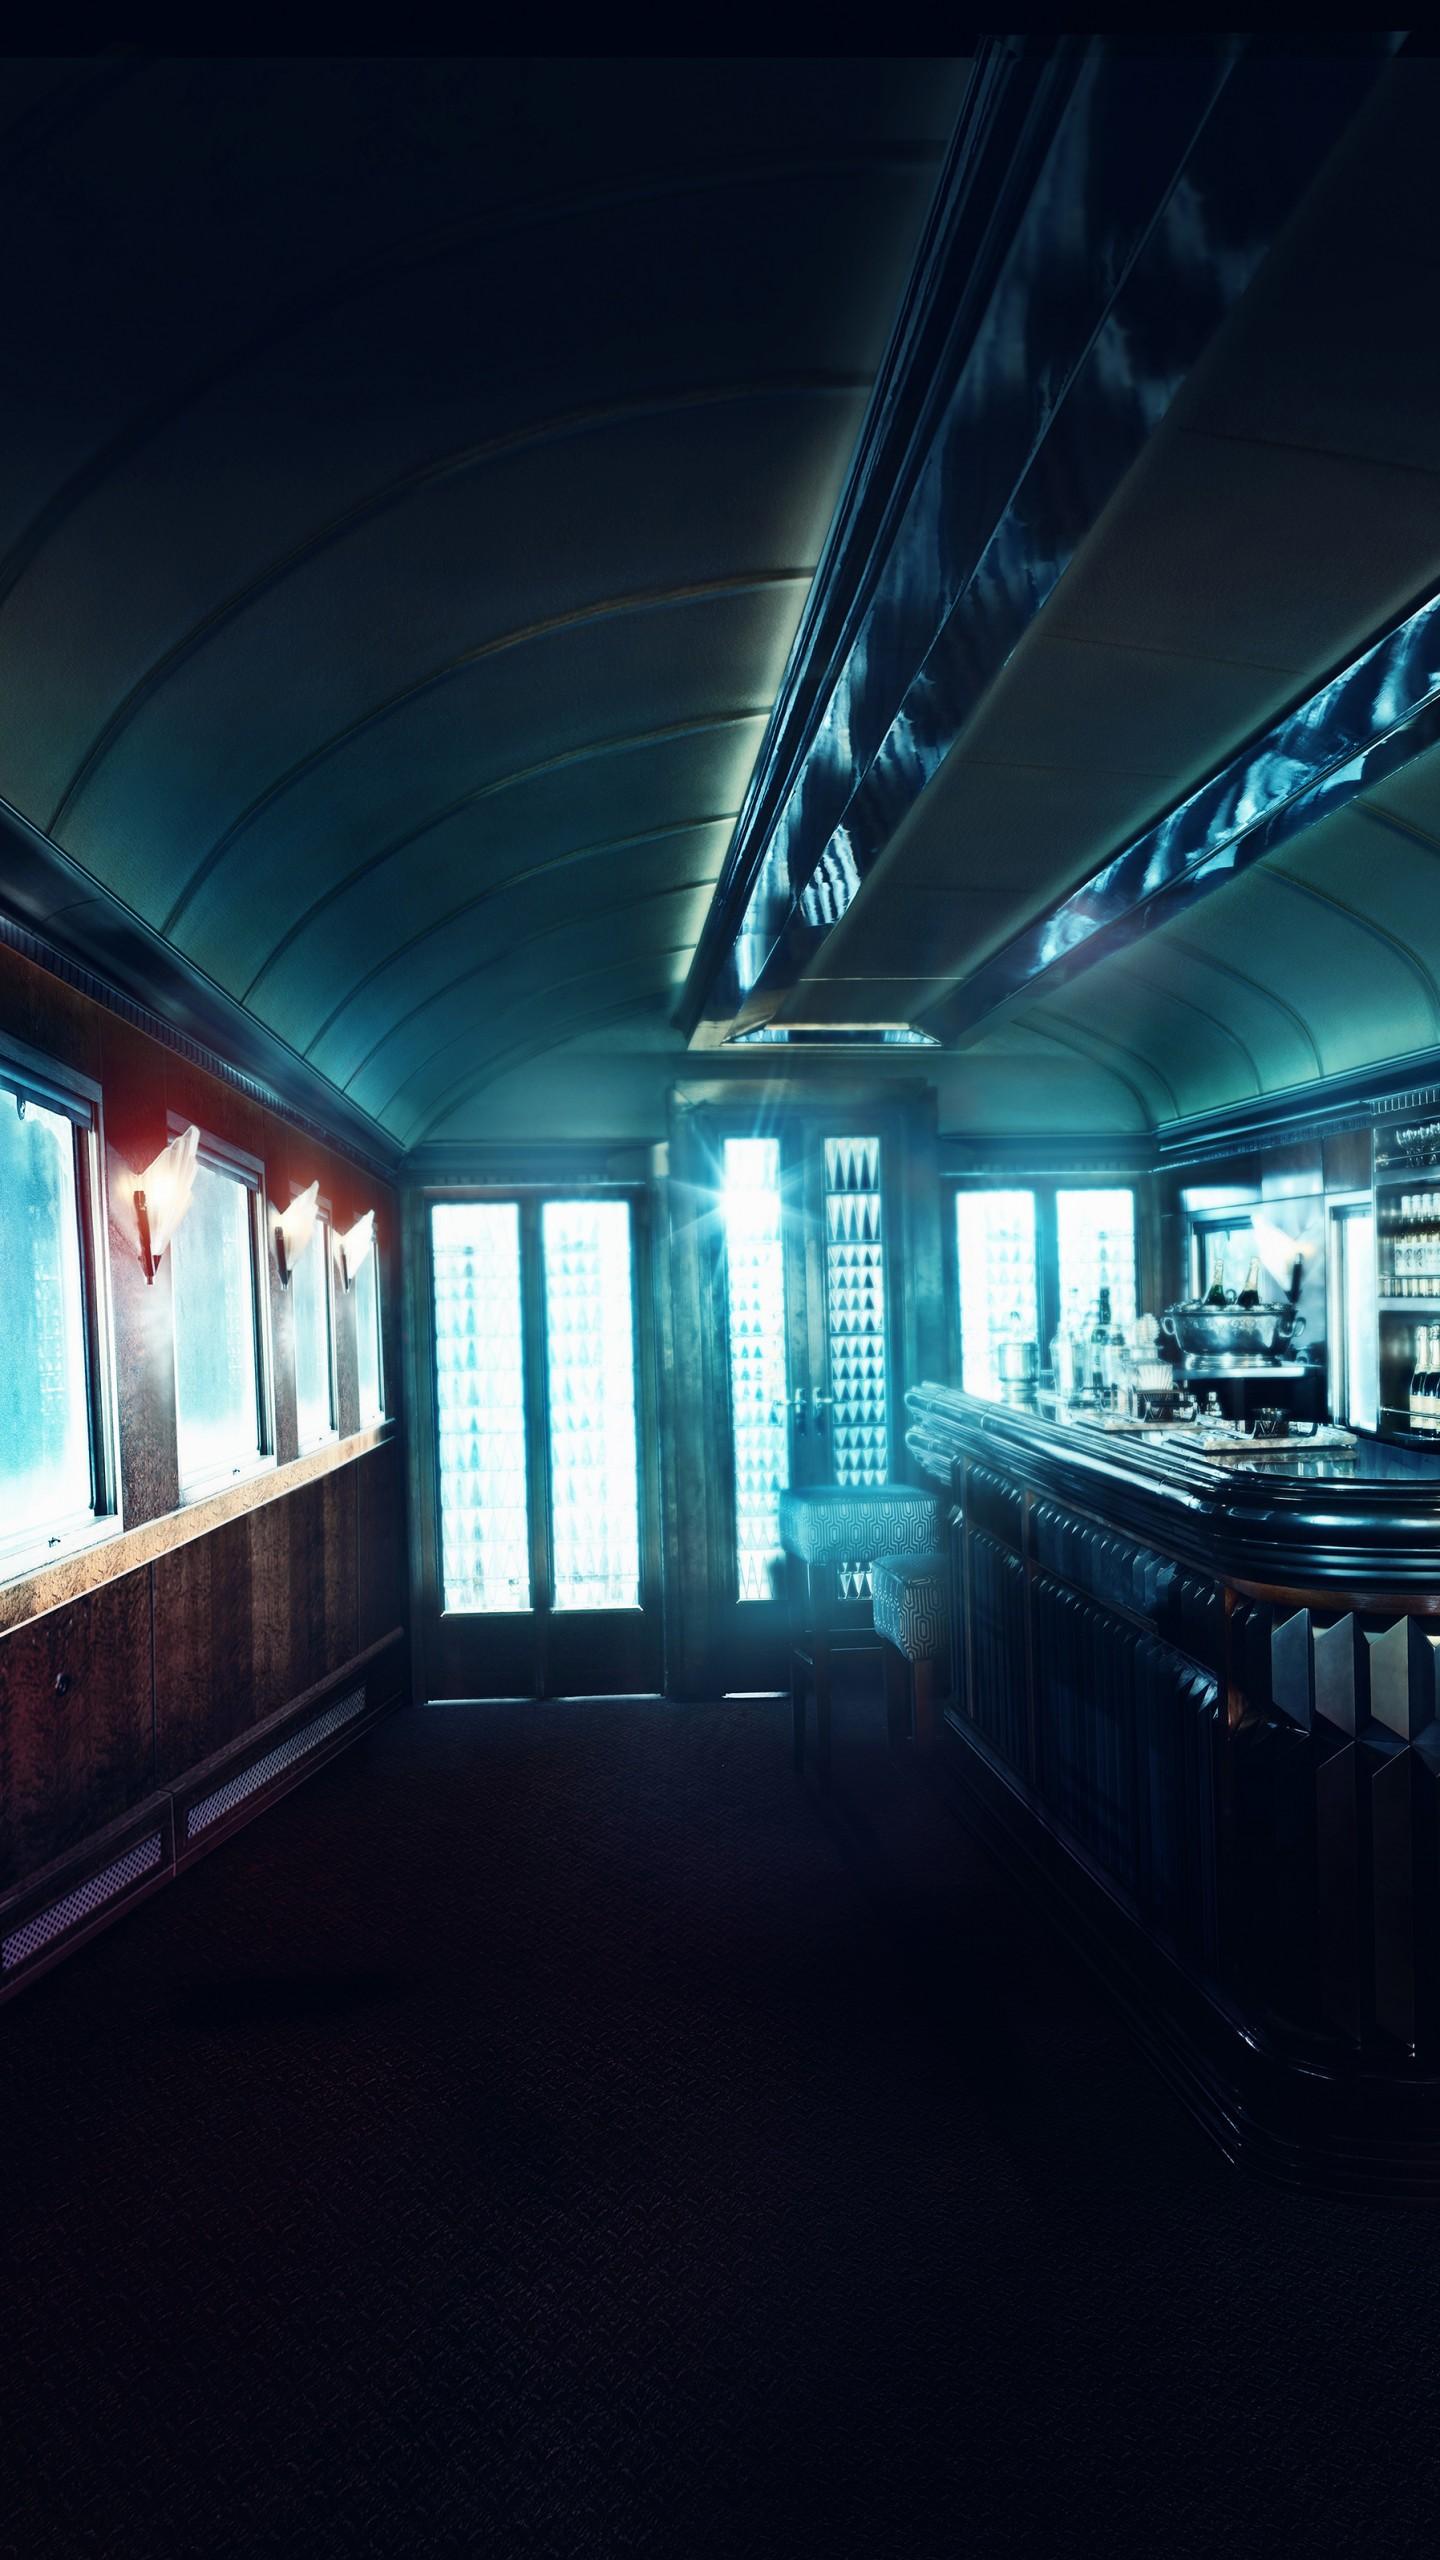 عکس زمینه کافه درون کابین قطار پس زمینه